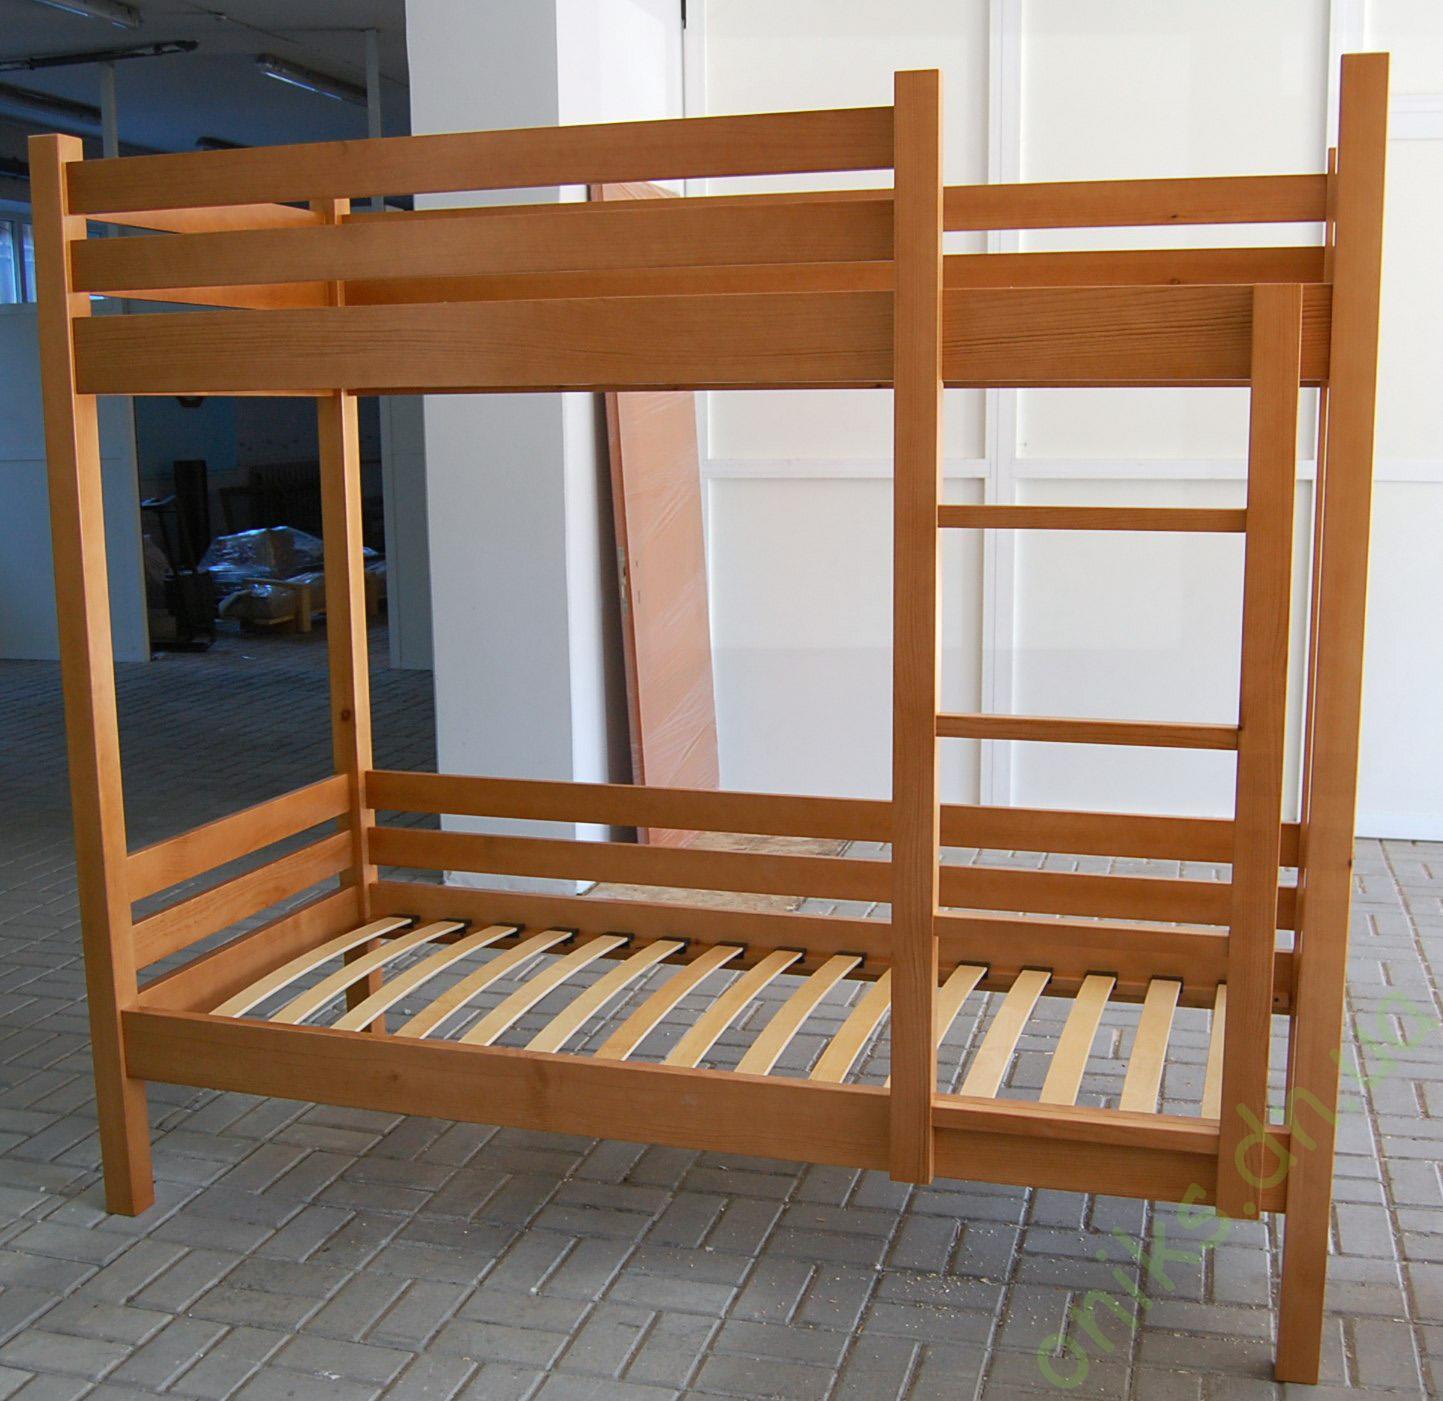 сообщила деревянные двухъярусные кровати фото иссечены множеством ущелий